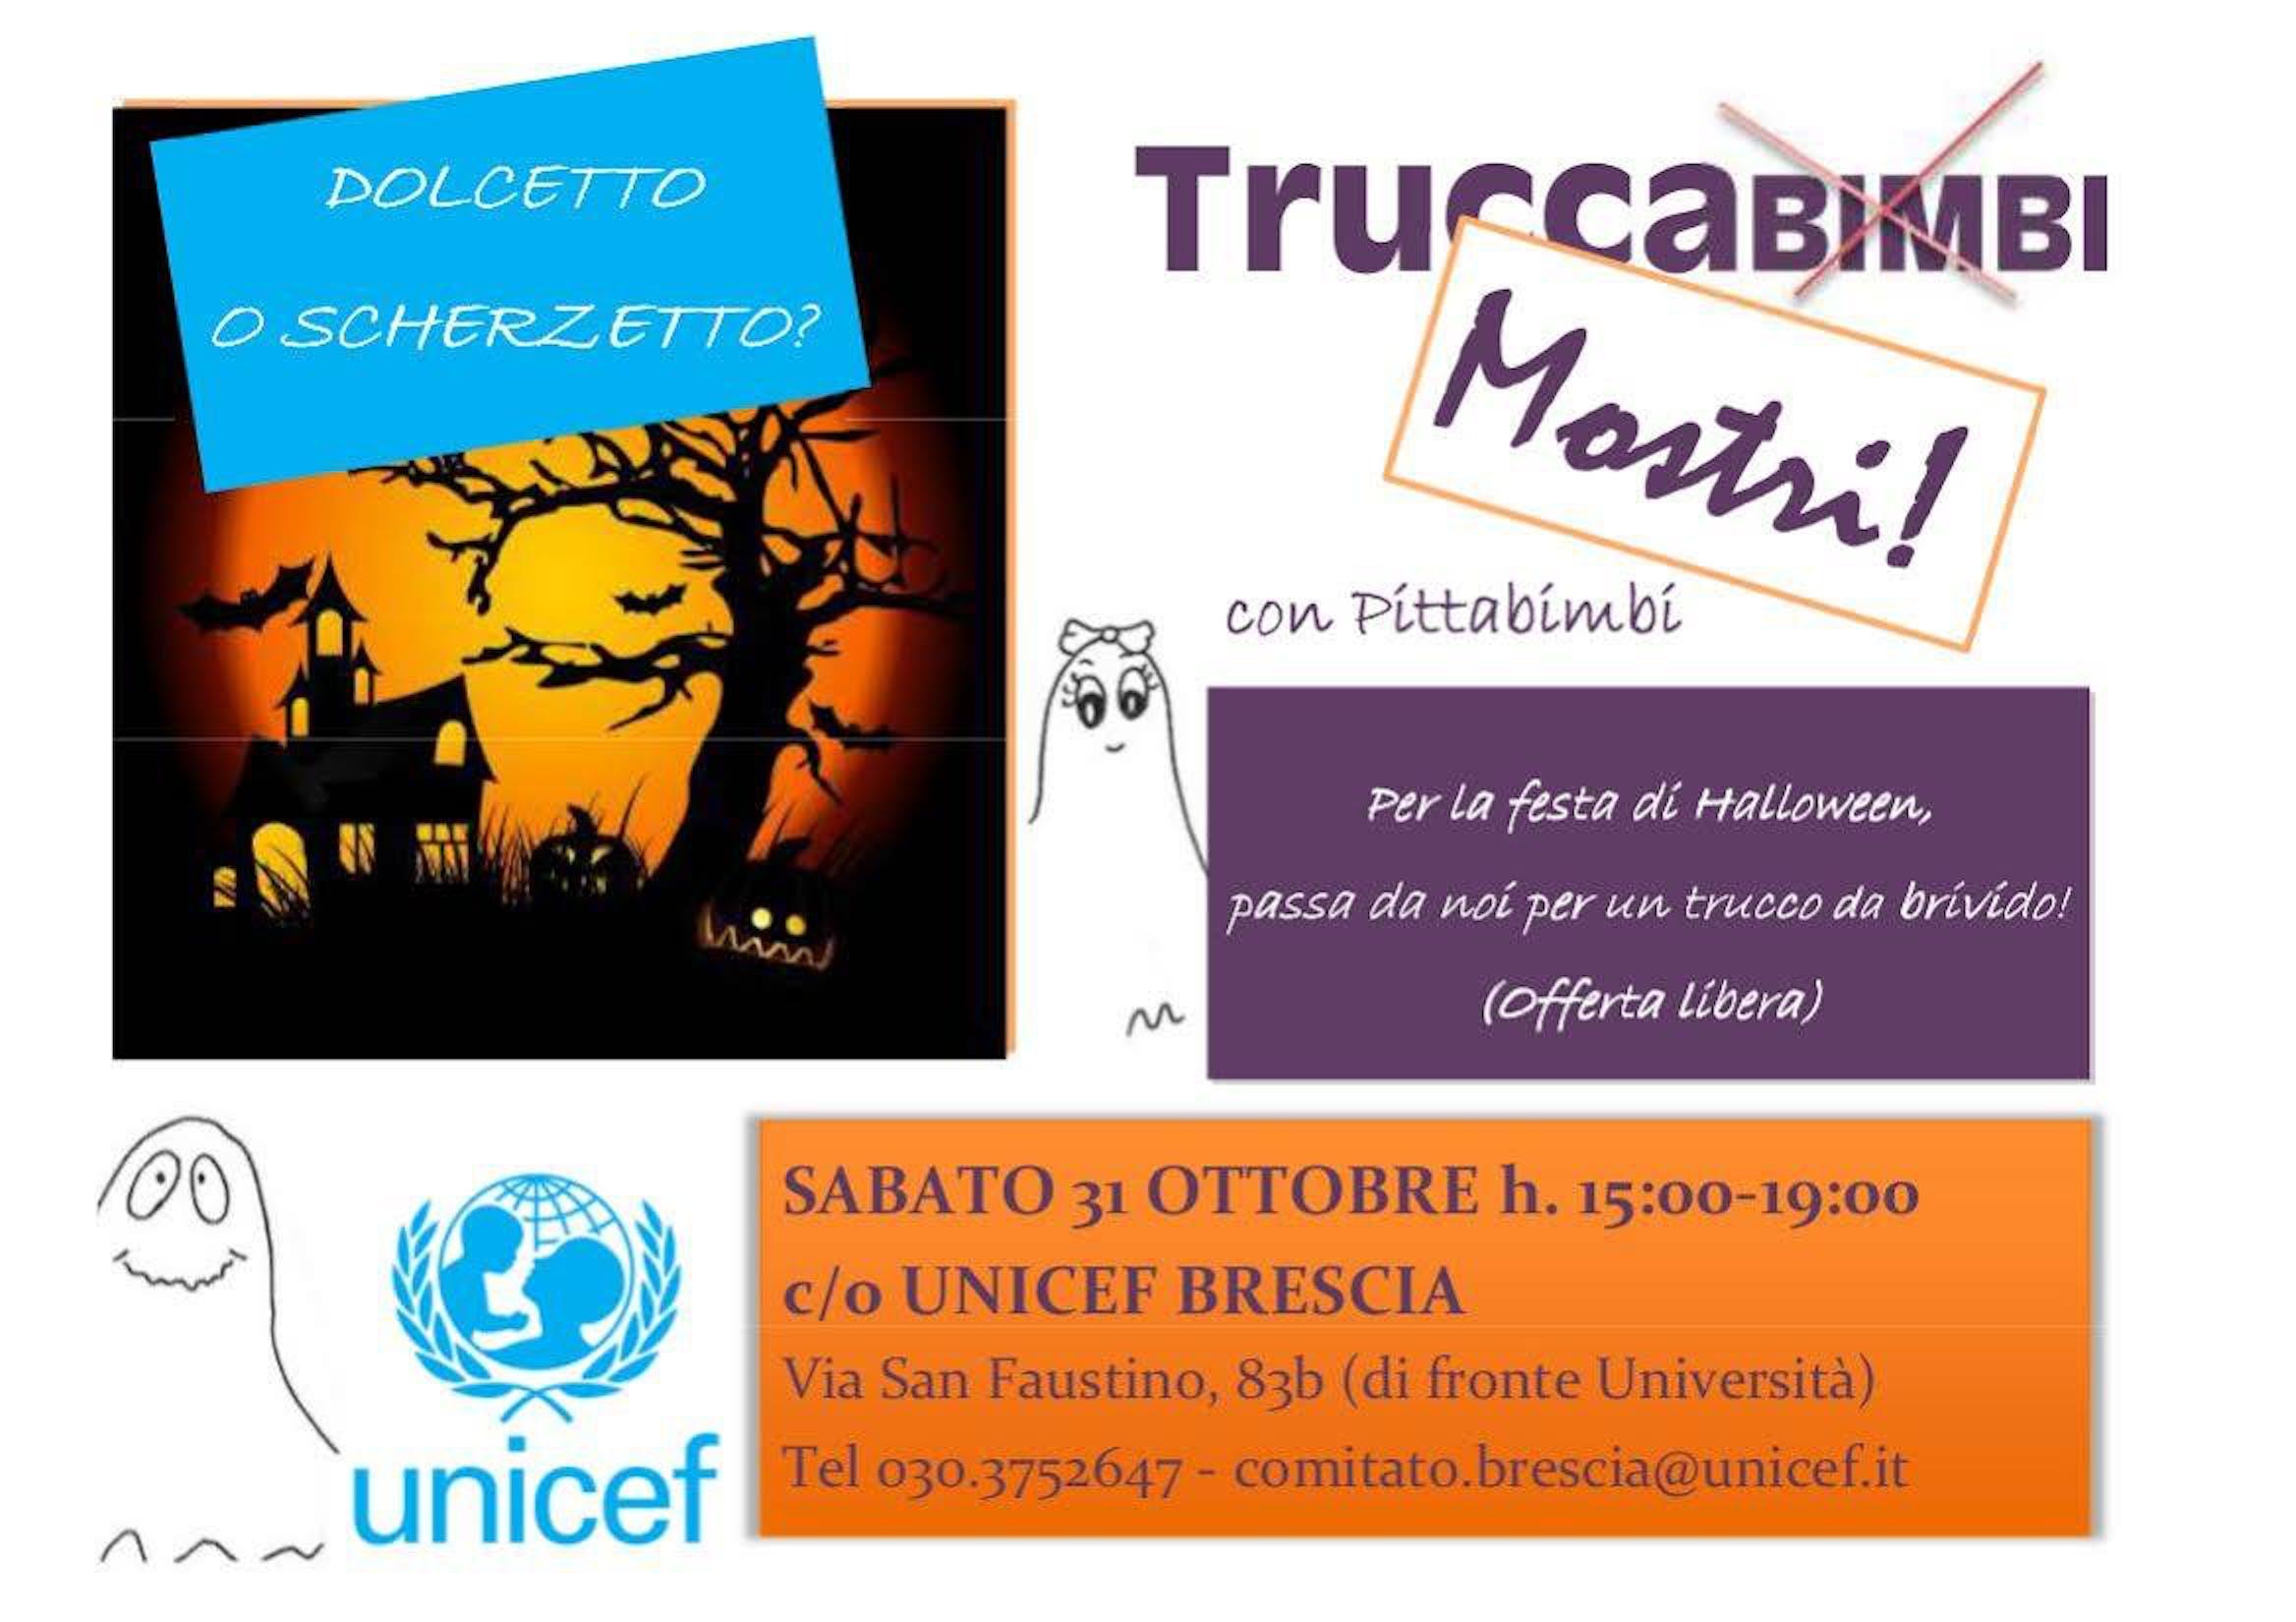 Brescia: tutto pronto per il Dolcetto o Scherzetto targato UNICEF